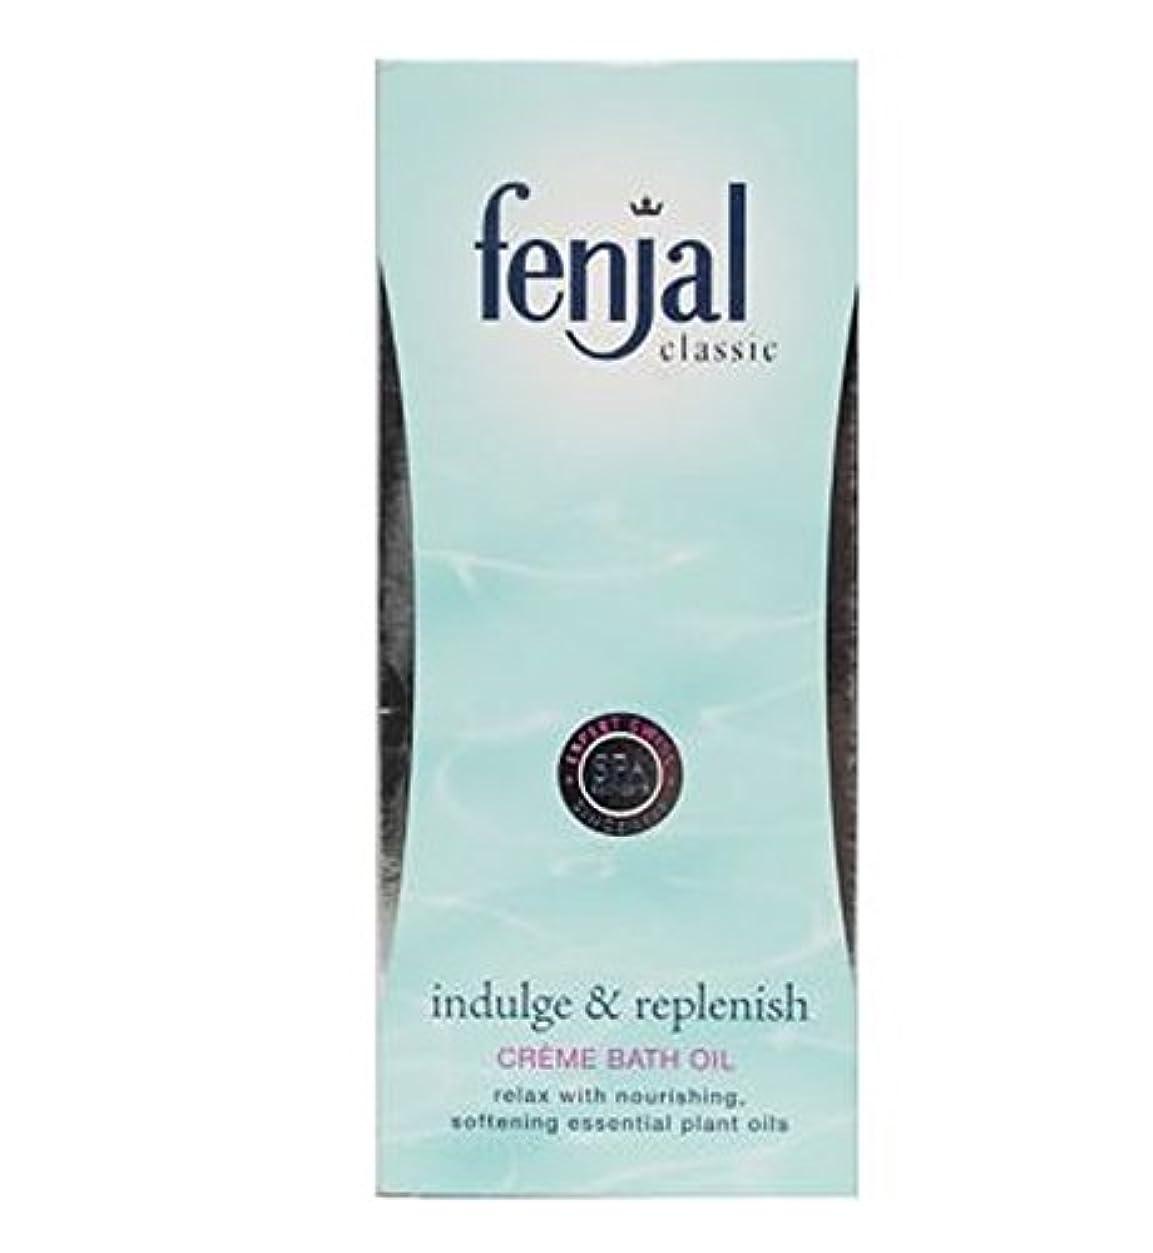 掘るステーキ解明するFenjal Classic Luxury Creme Bath Oil 125 ml - Fenjal古典的な高級クリームバスオイル125ミリリットル (Fenjal) [並行輸入品]